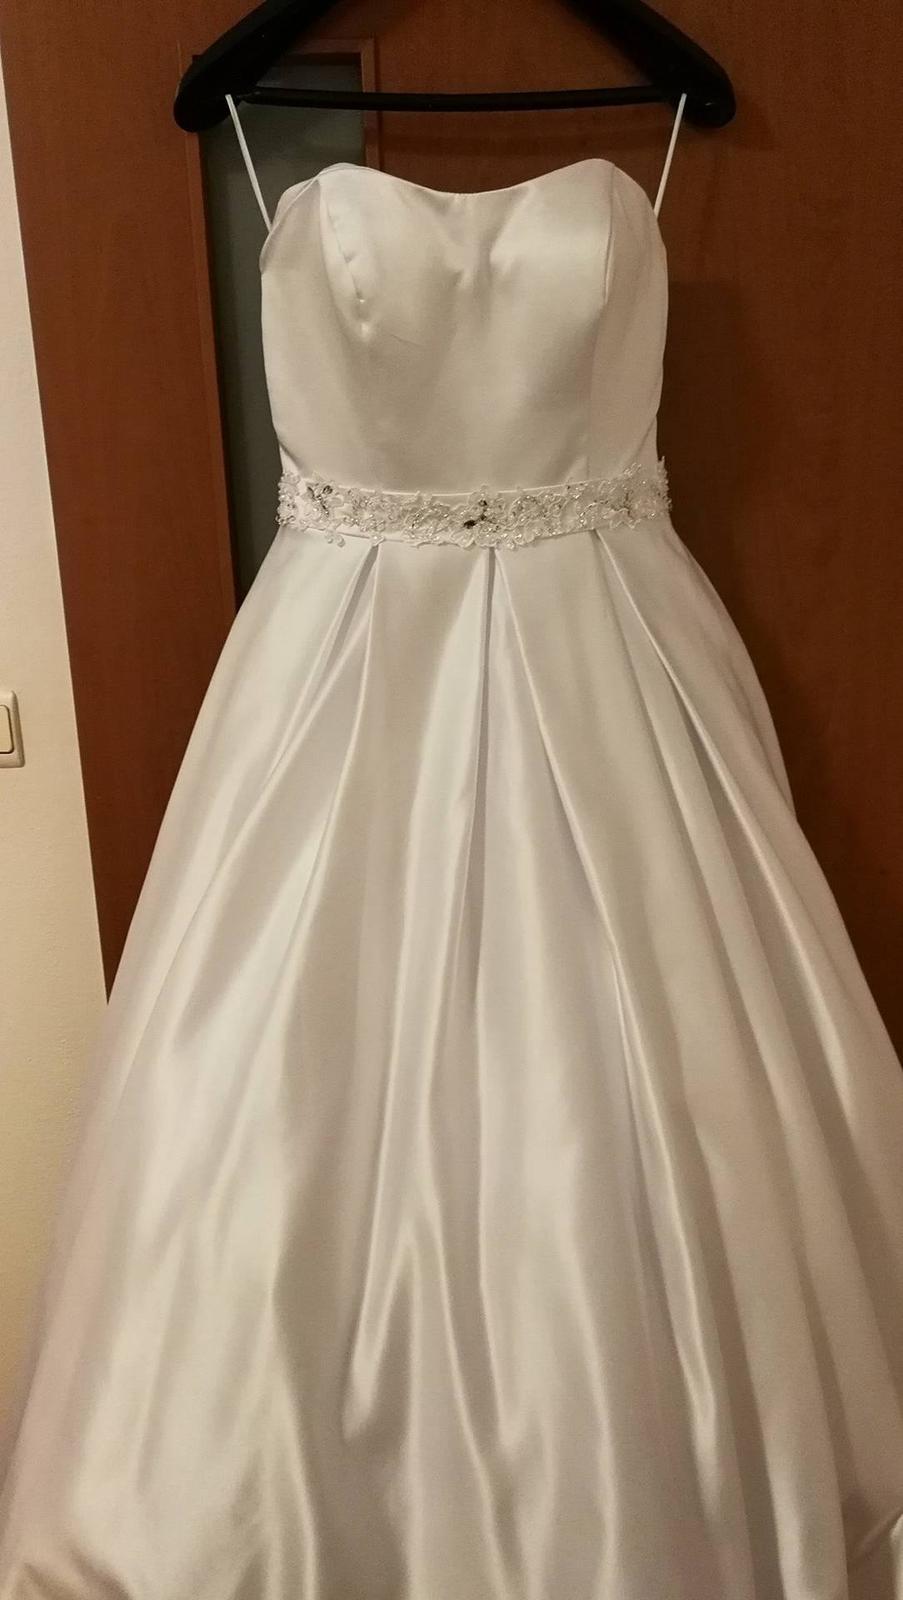 Nadherné svadobné šaty s dlhou vlečkou-zlava - Obrázok č. 1